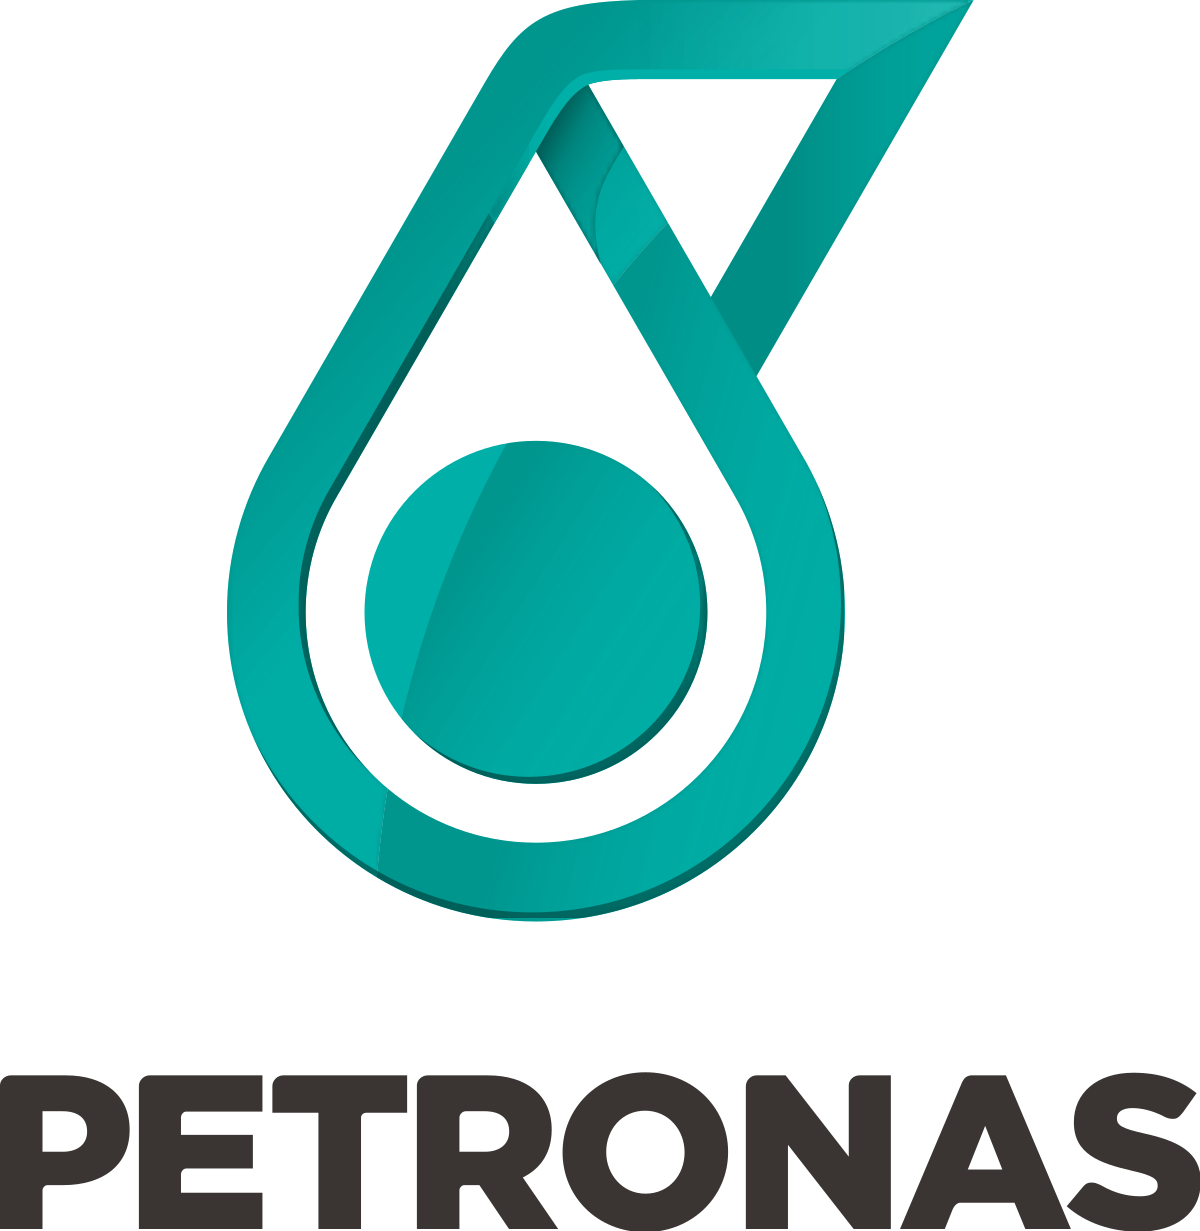 - petronas.com